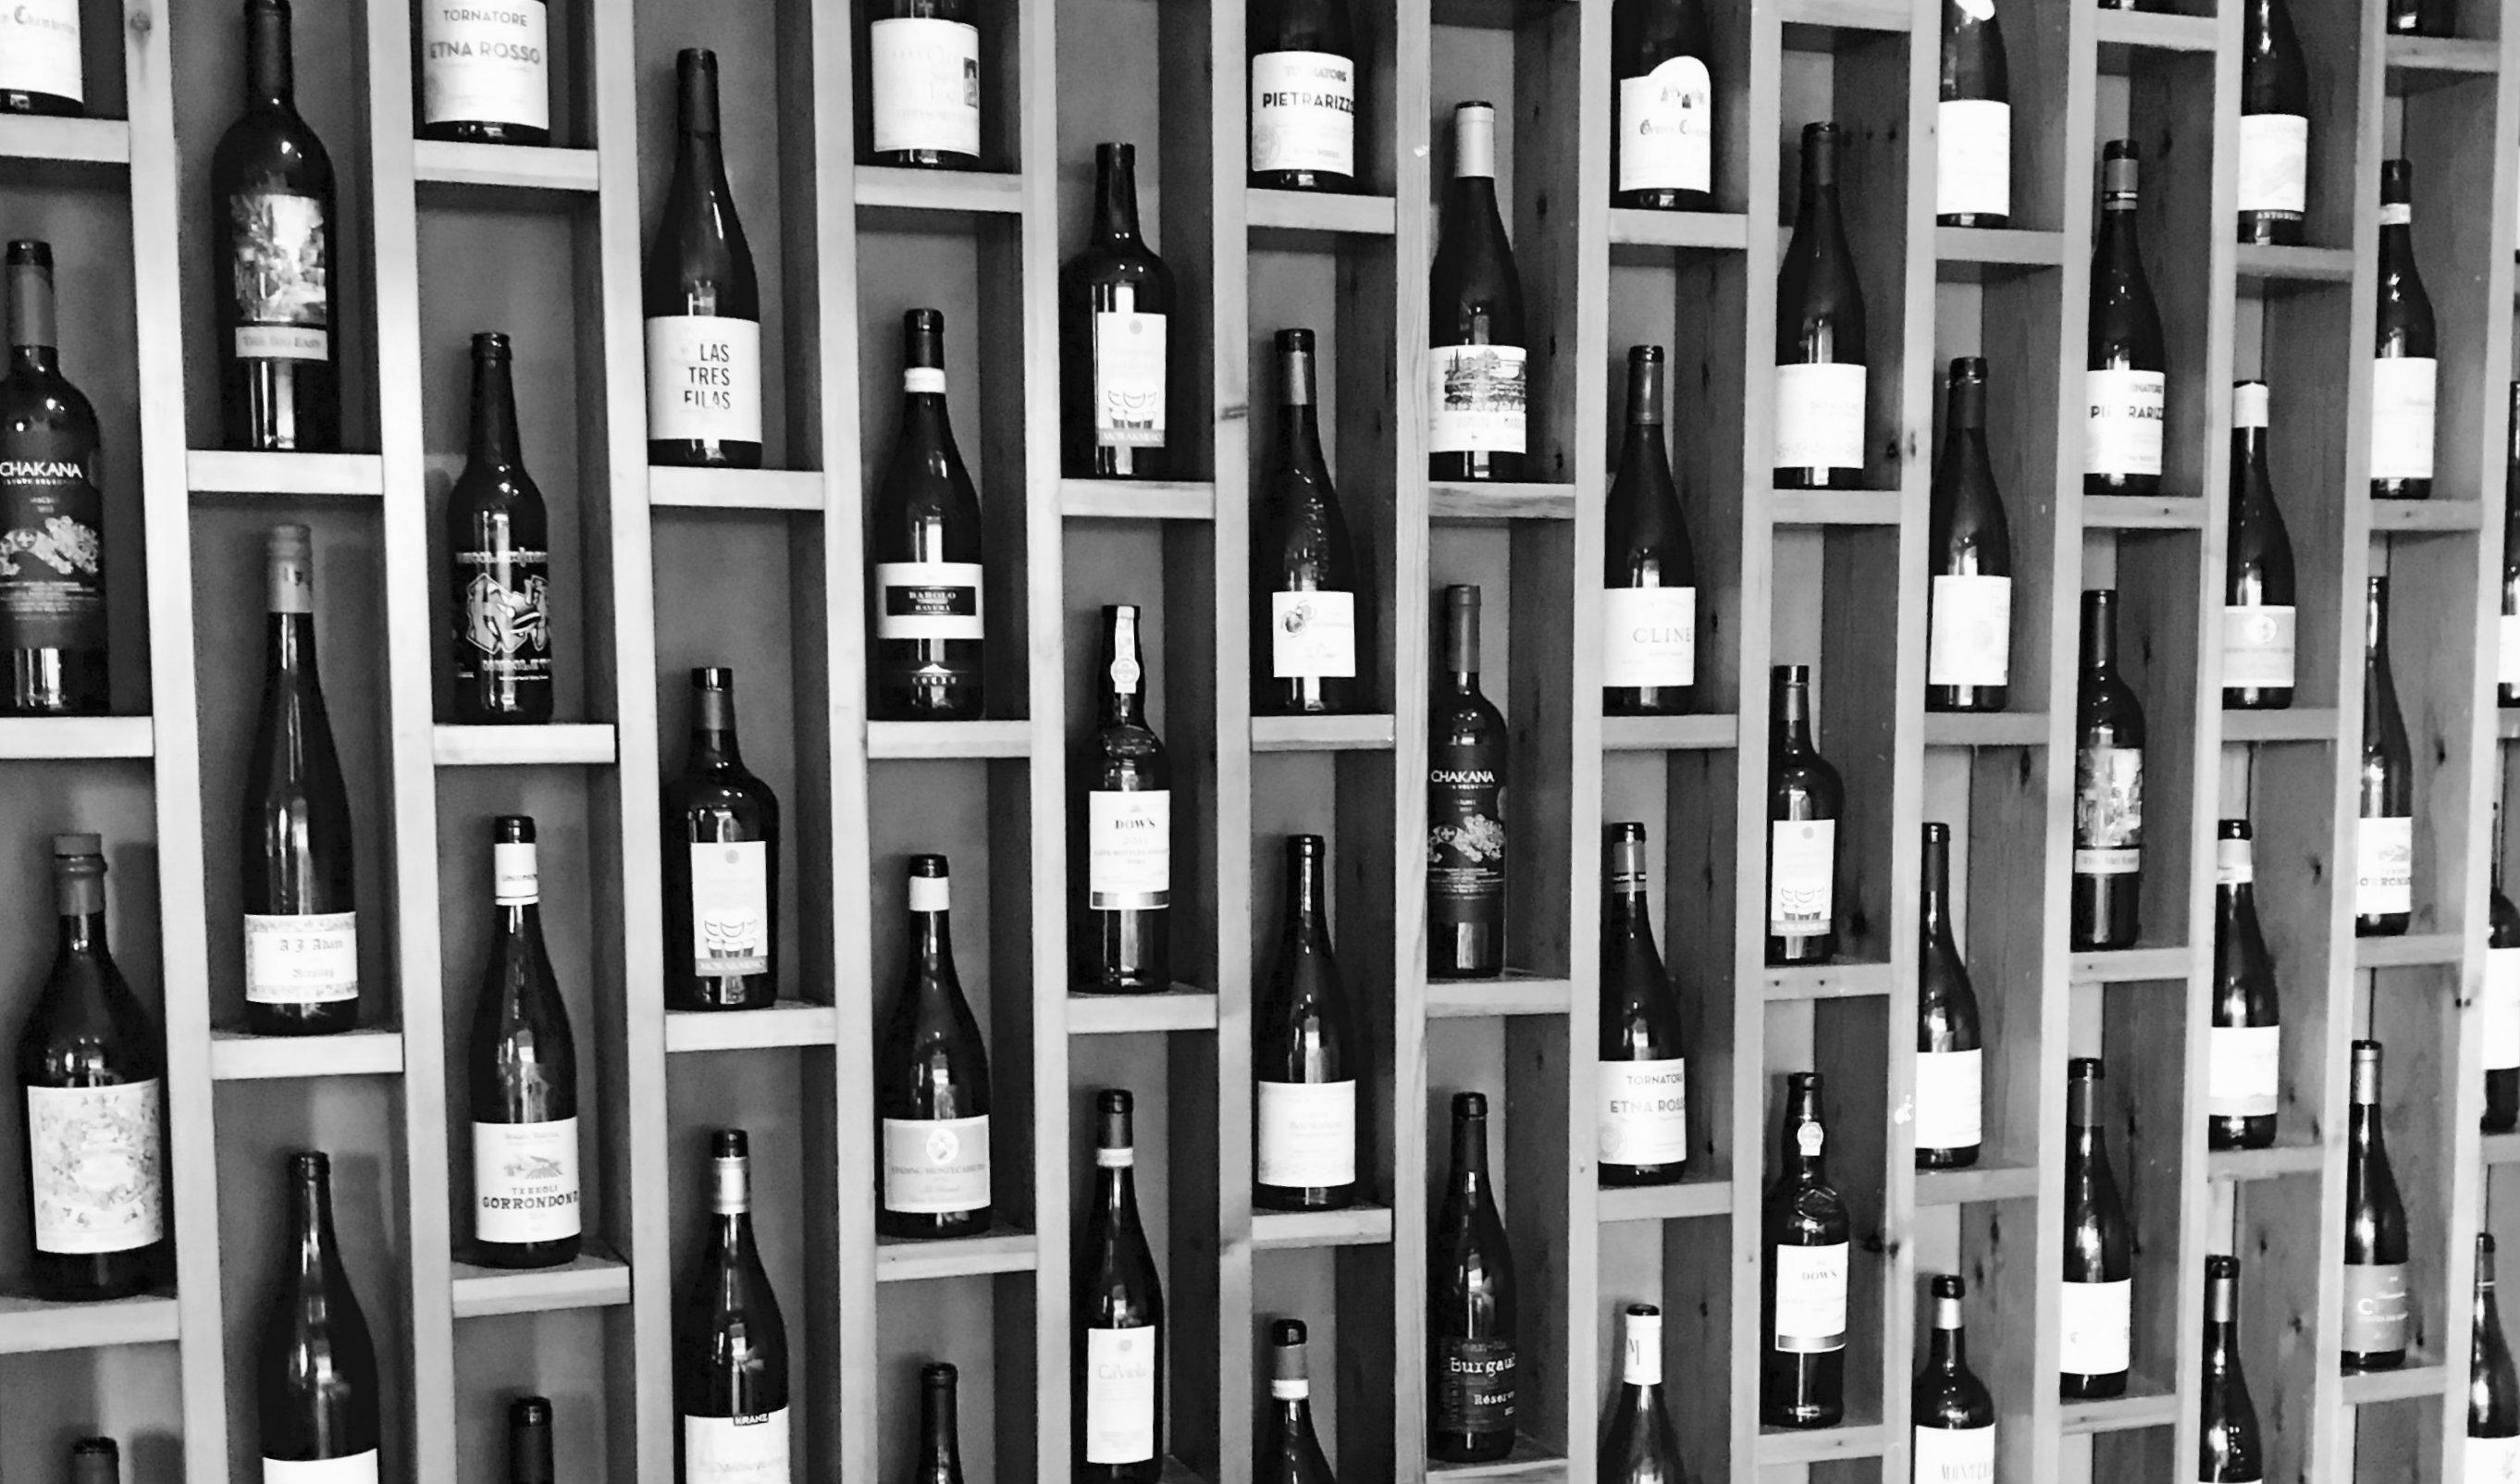 Guide til vinbarer